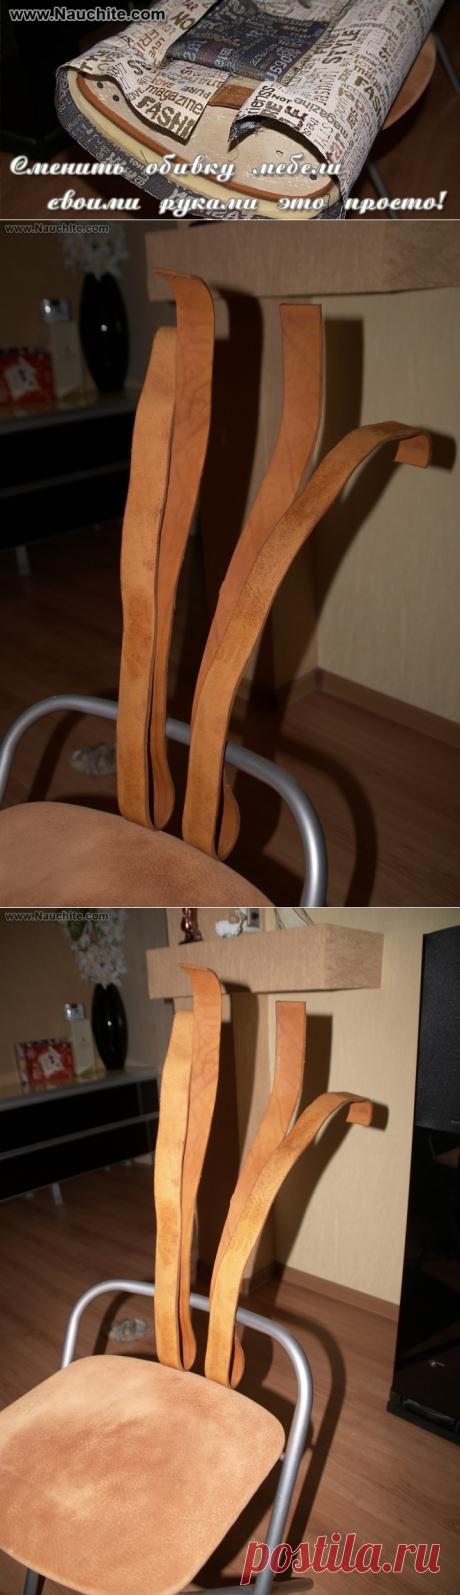 Перетяжка мебели своими руками на дому - это просто